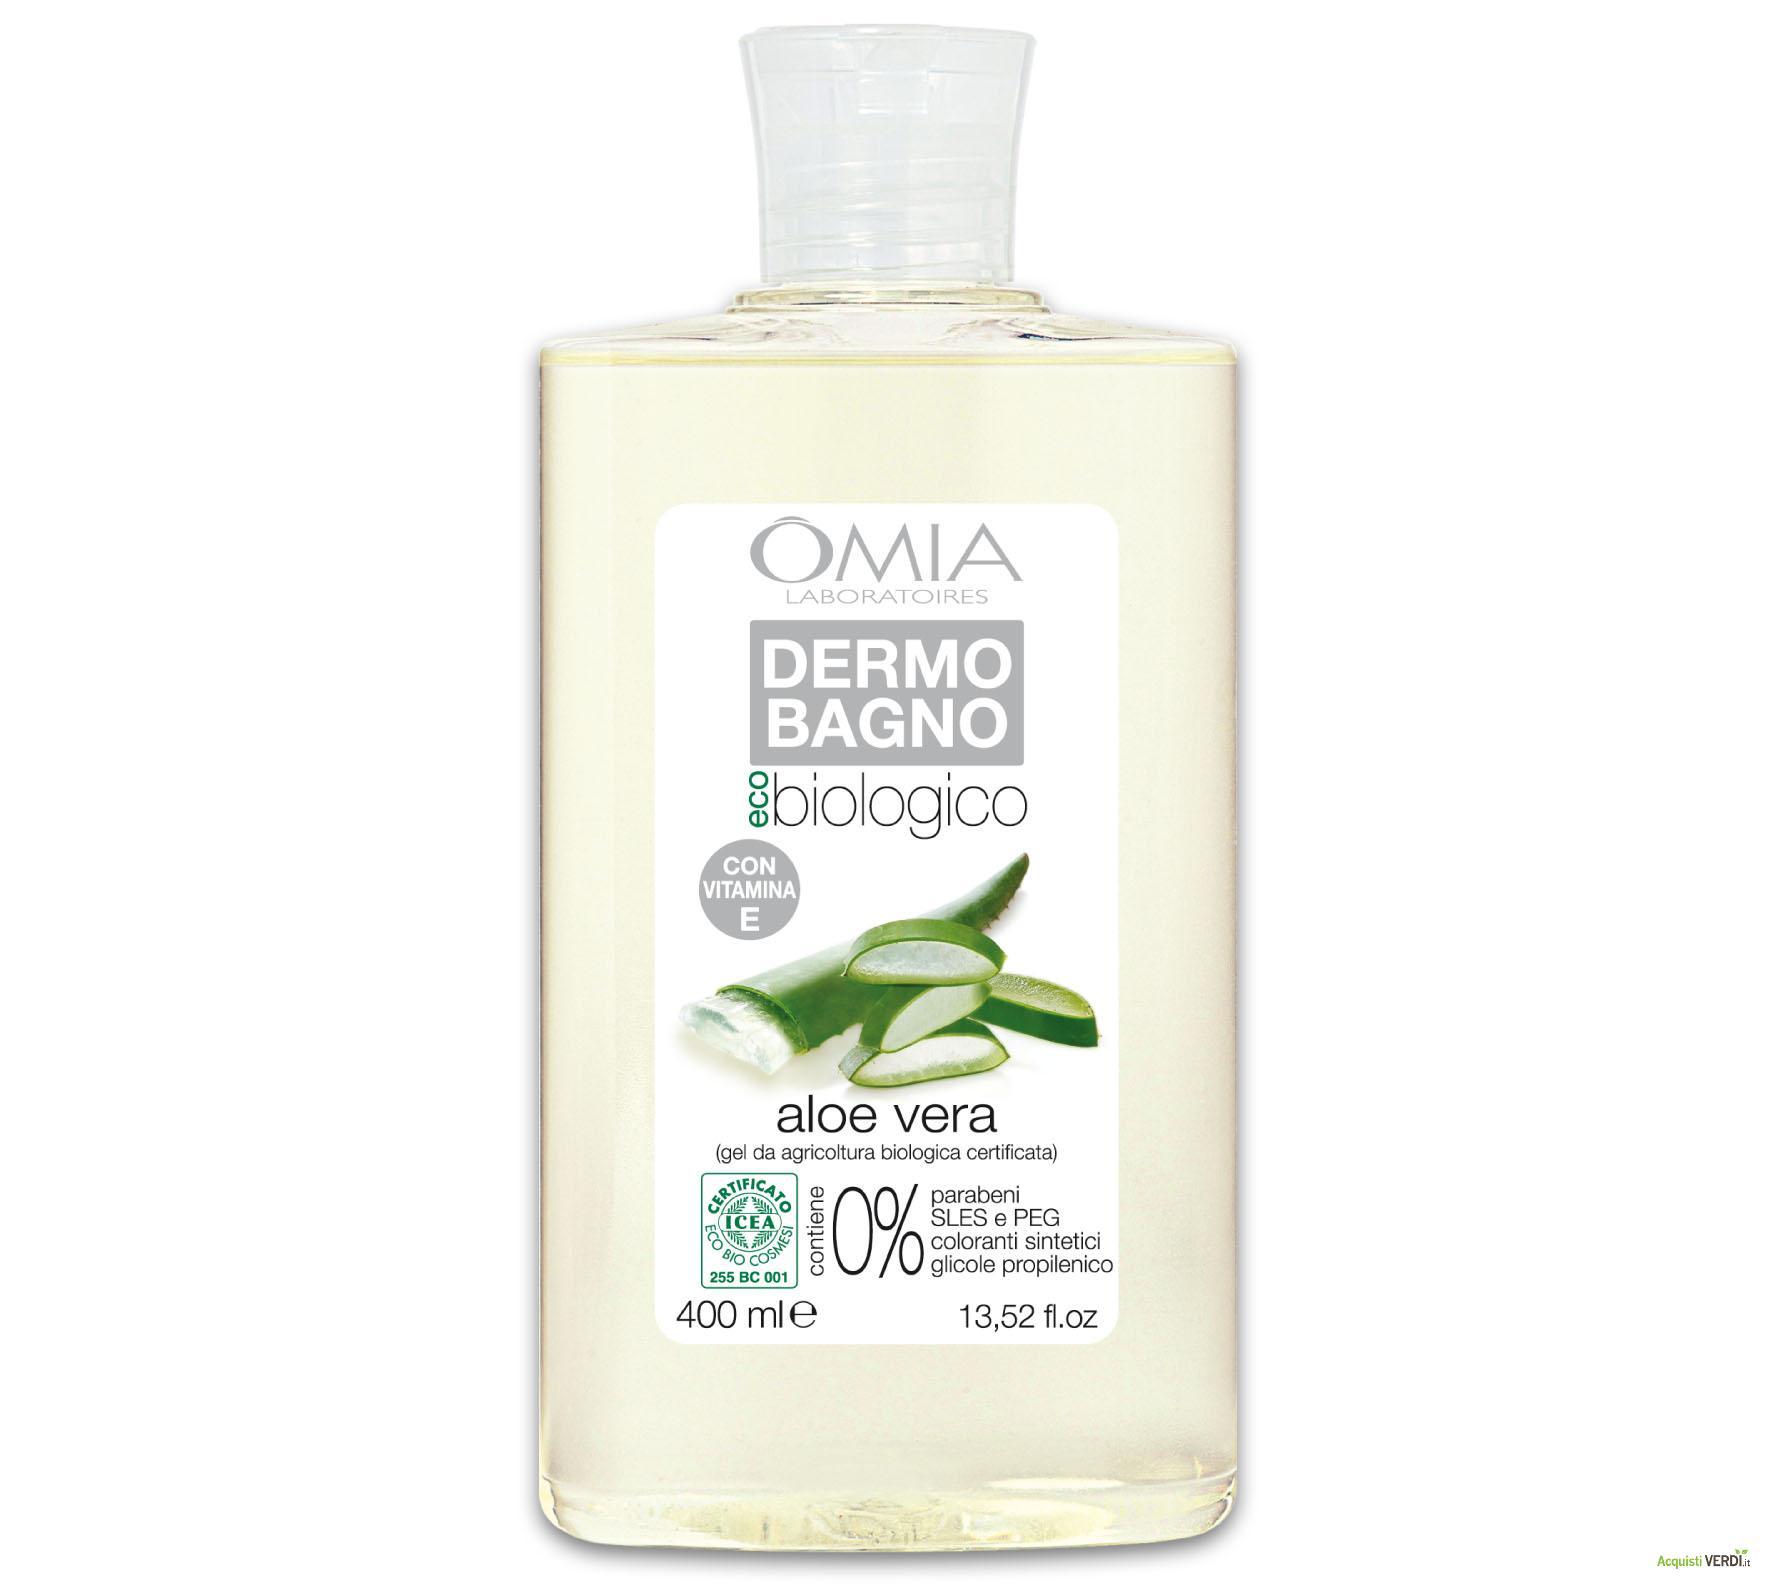 Omia Laboratoires eco biologico Dermo Bagno aloe vera 400 ml